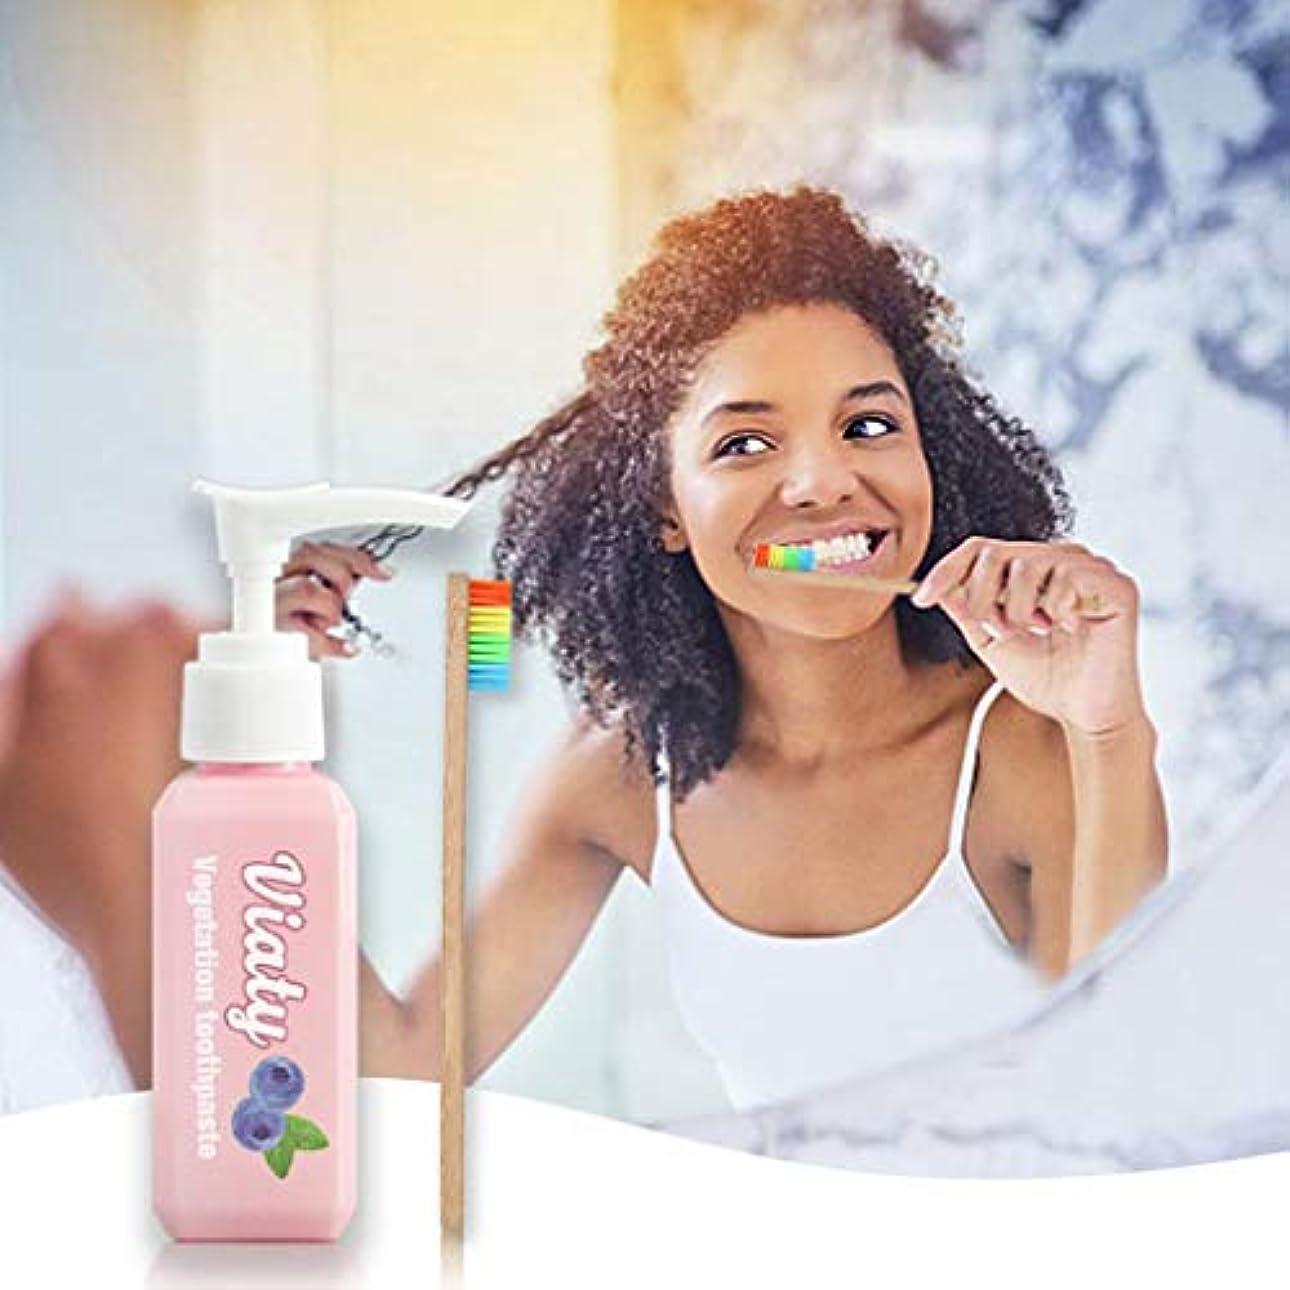 第五つま先かき混ぜる歯磨き粉 完全に除染 ホワイトニング歯磨き粉 しわ防止歯磨き粉 新鮮な歯磨き粉 マルチエフェクト天然ブルーベリーフレーバー フッ化物添加なし (歯磨き粉1本とレインボー歯ブラシ1本)